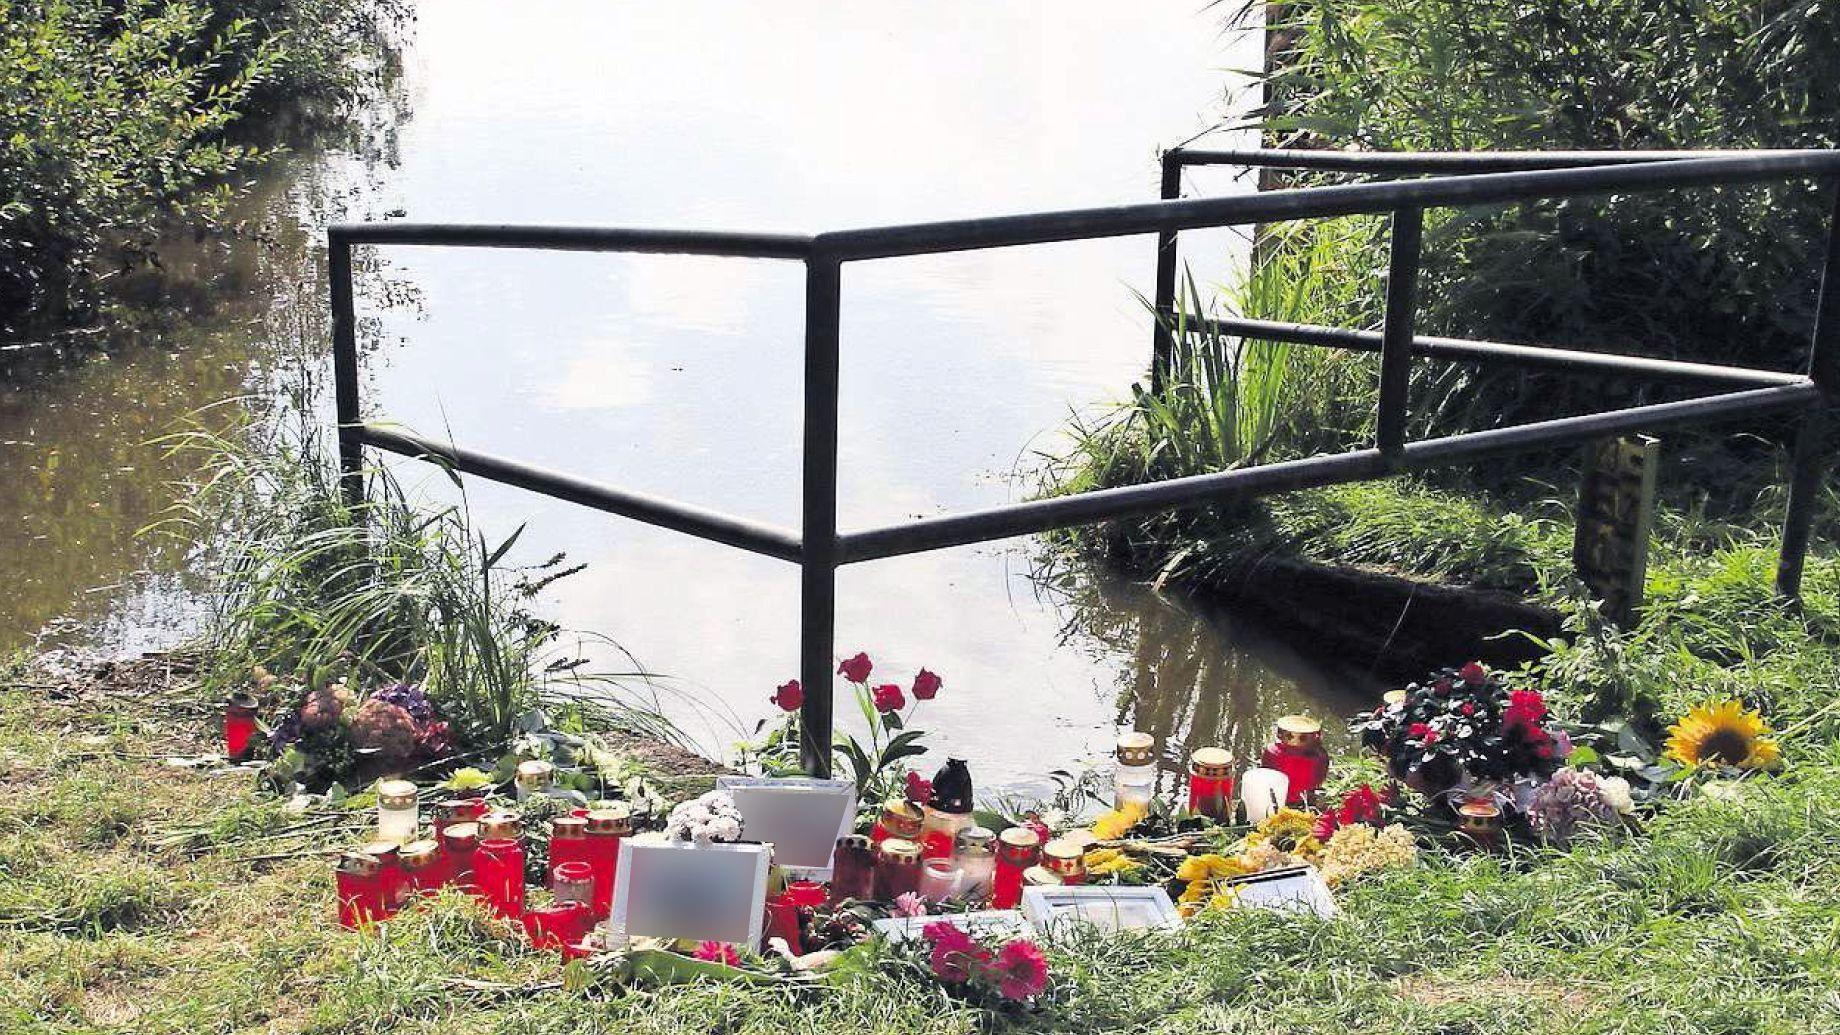 Im August 2016 trauerten die Barßeler um die Opfer des Bootsunglücks im Barßeler Tief. Archivfoto: Passmann